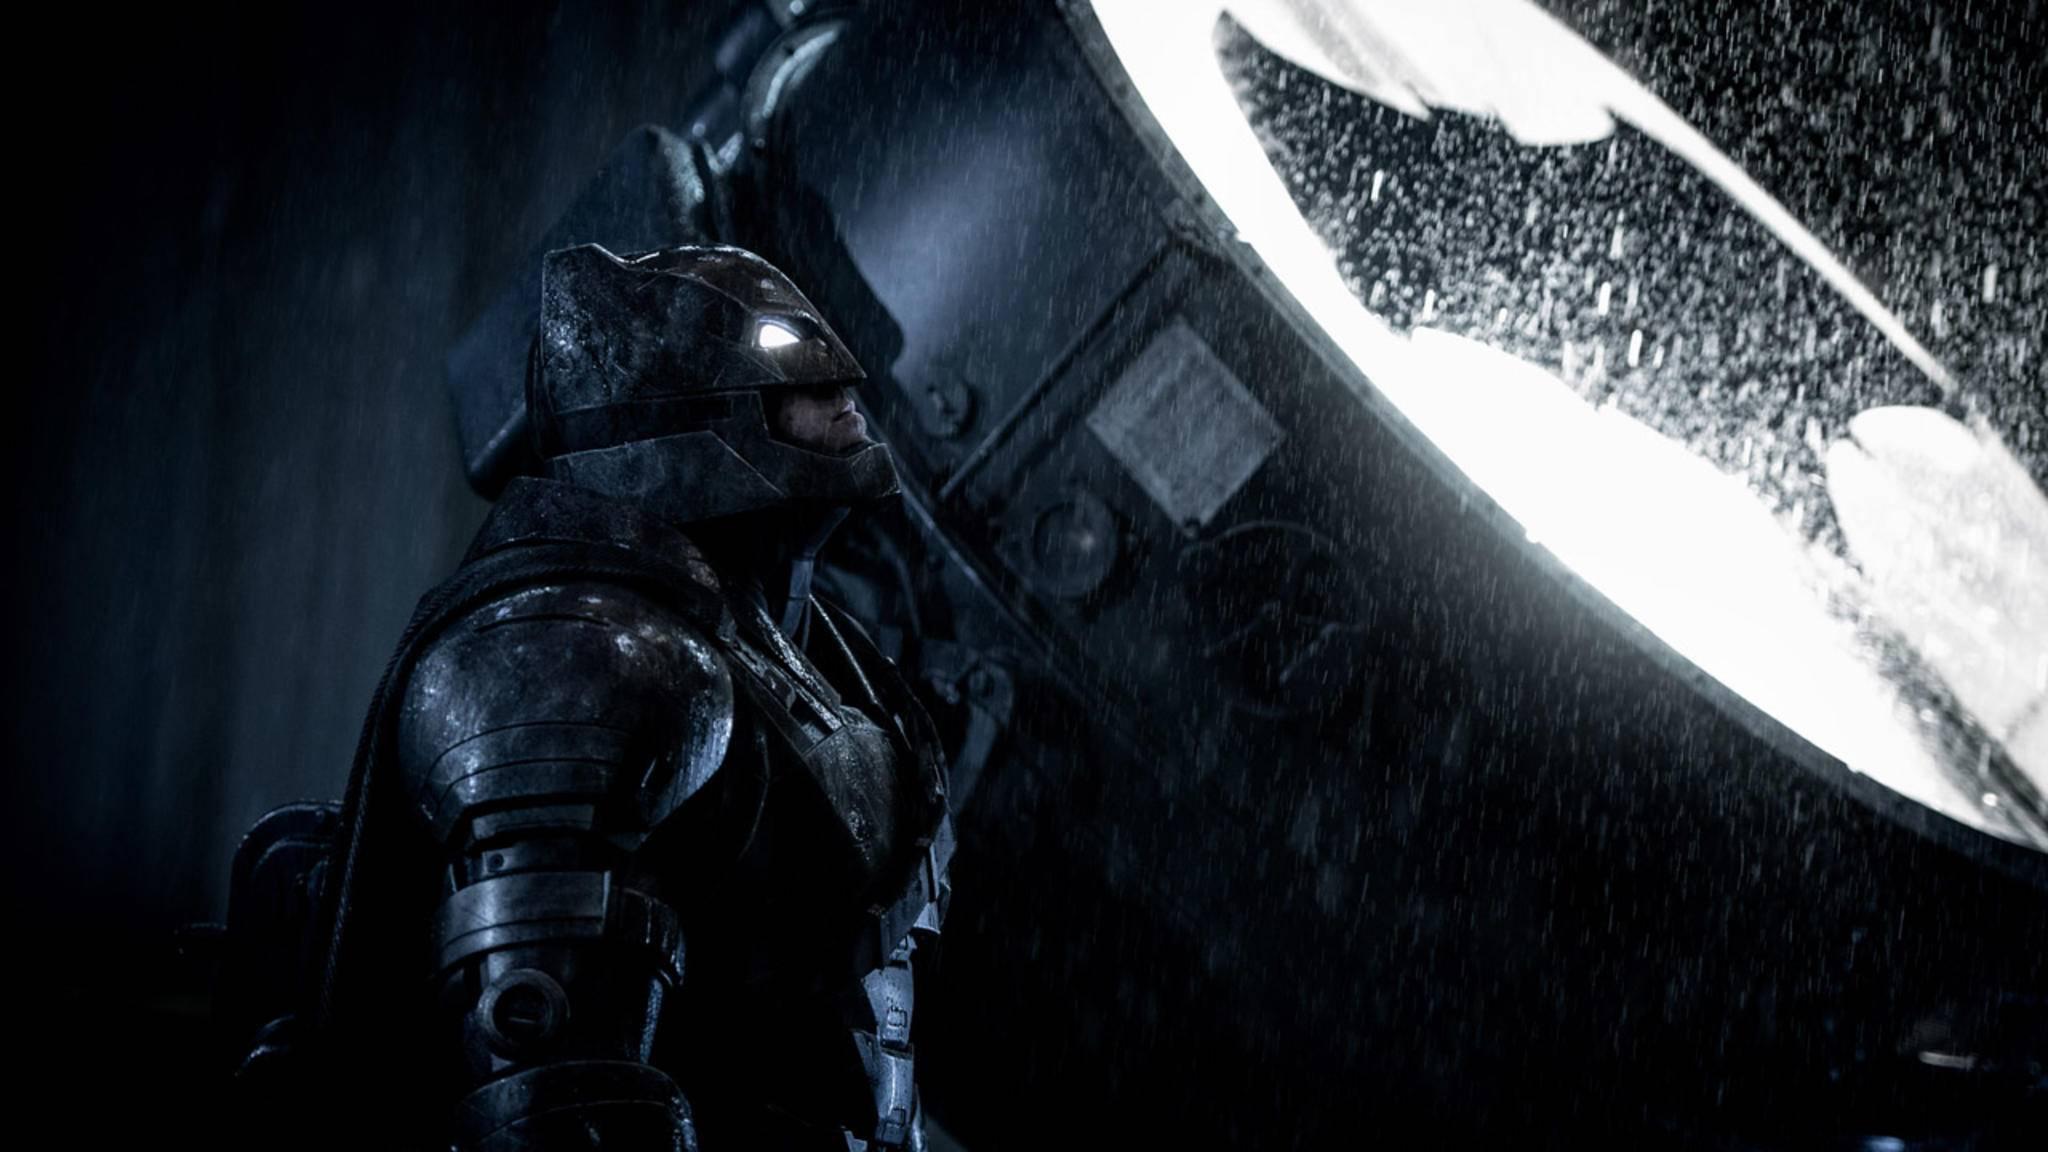 Justice League - Comic-Con Trailer mit Batman & Co gegen einen mächtigen Bösewicht